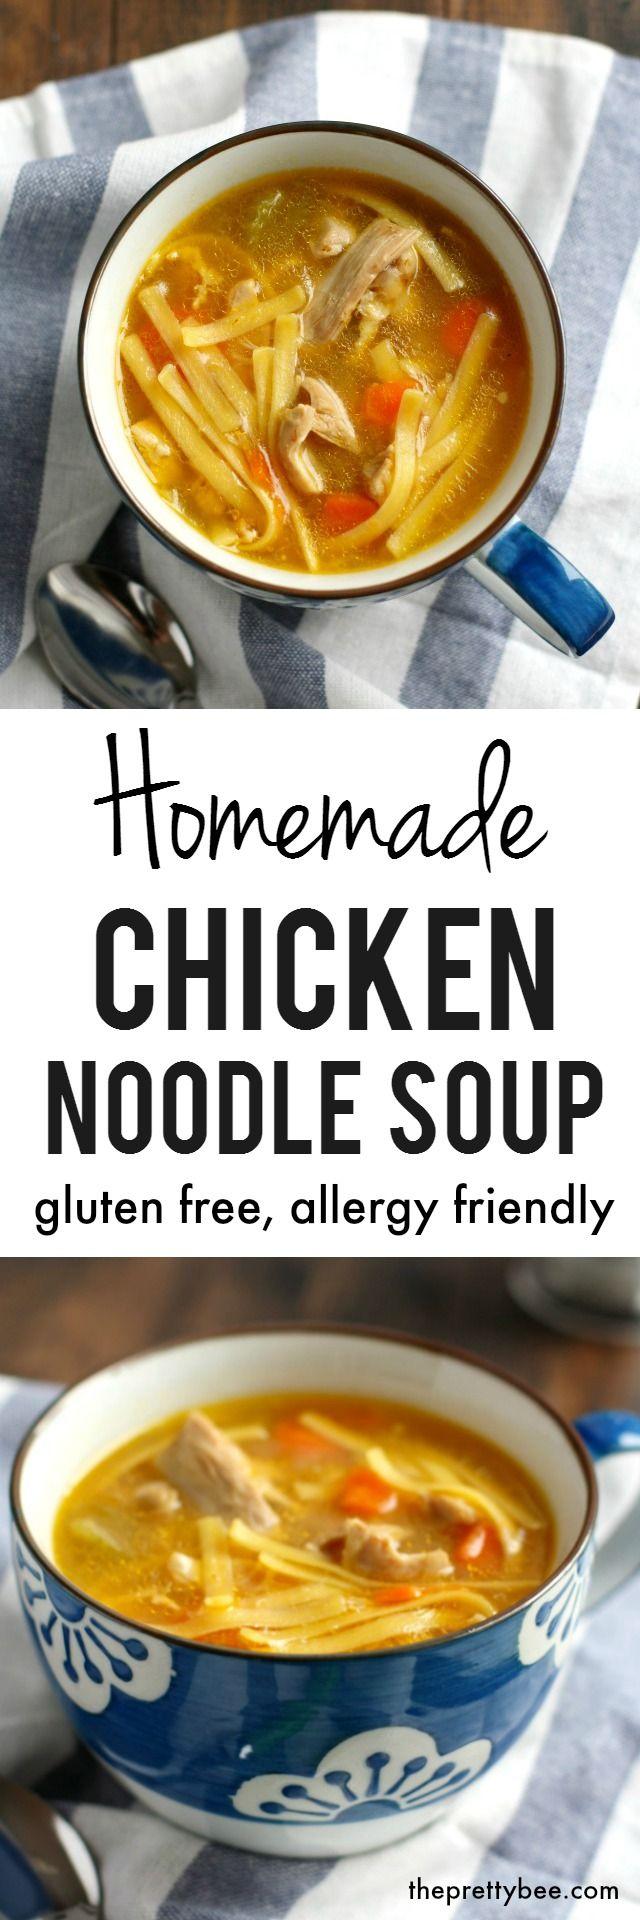 Best 25 homemade chicken soup ideas on pinterest for Best homemade chicken noodle soup recipe